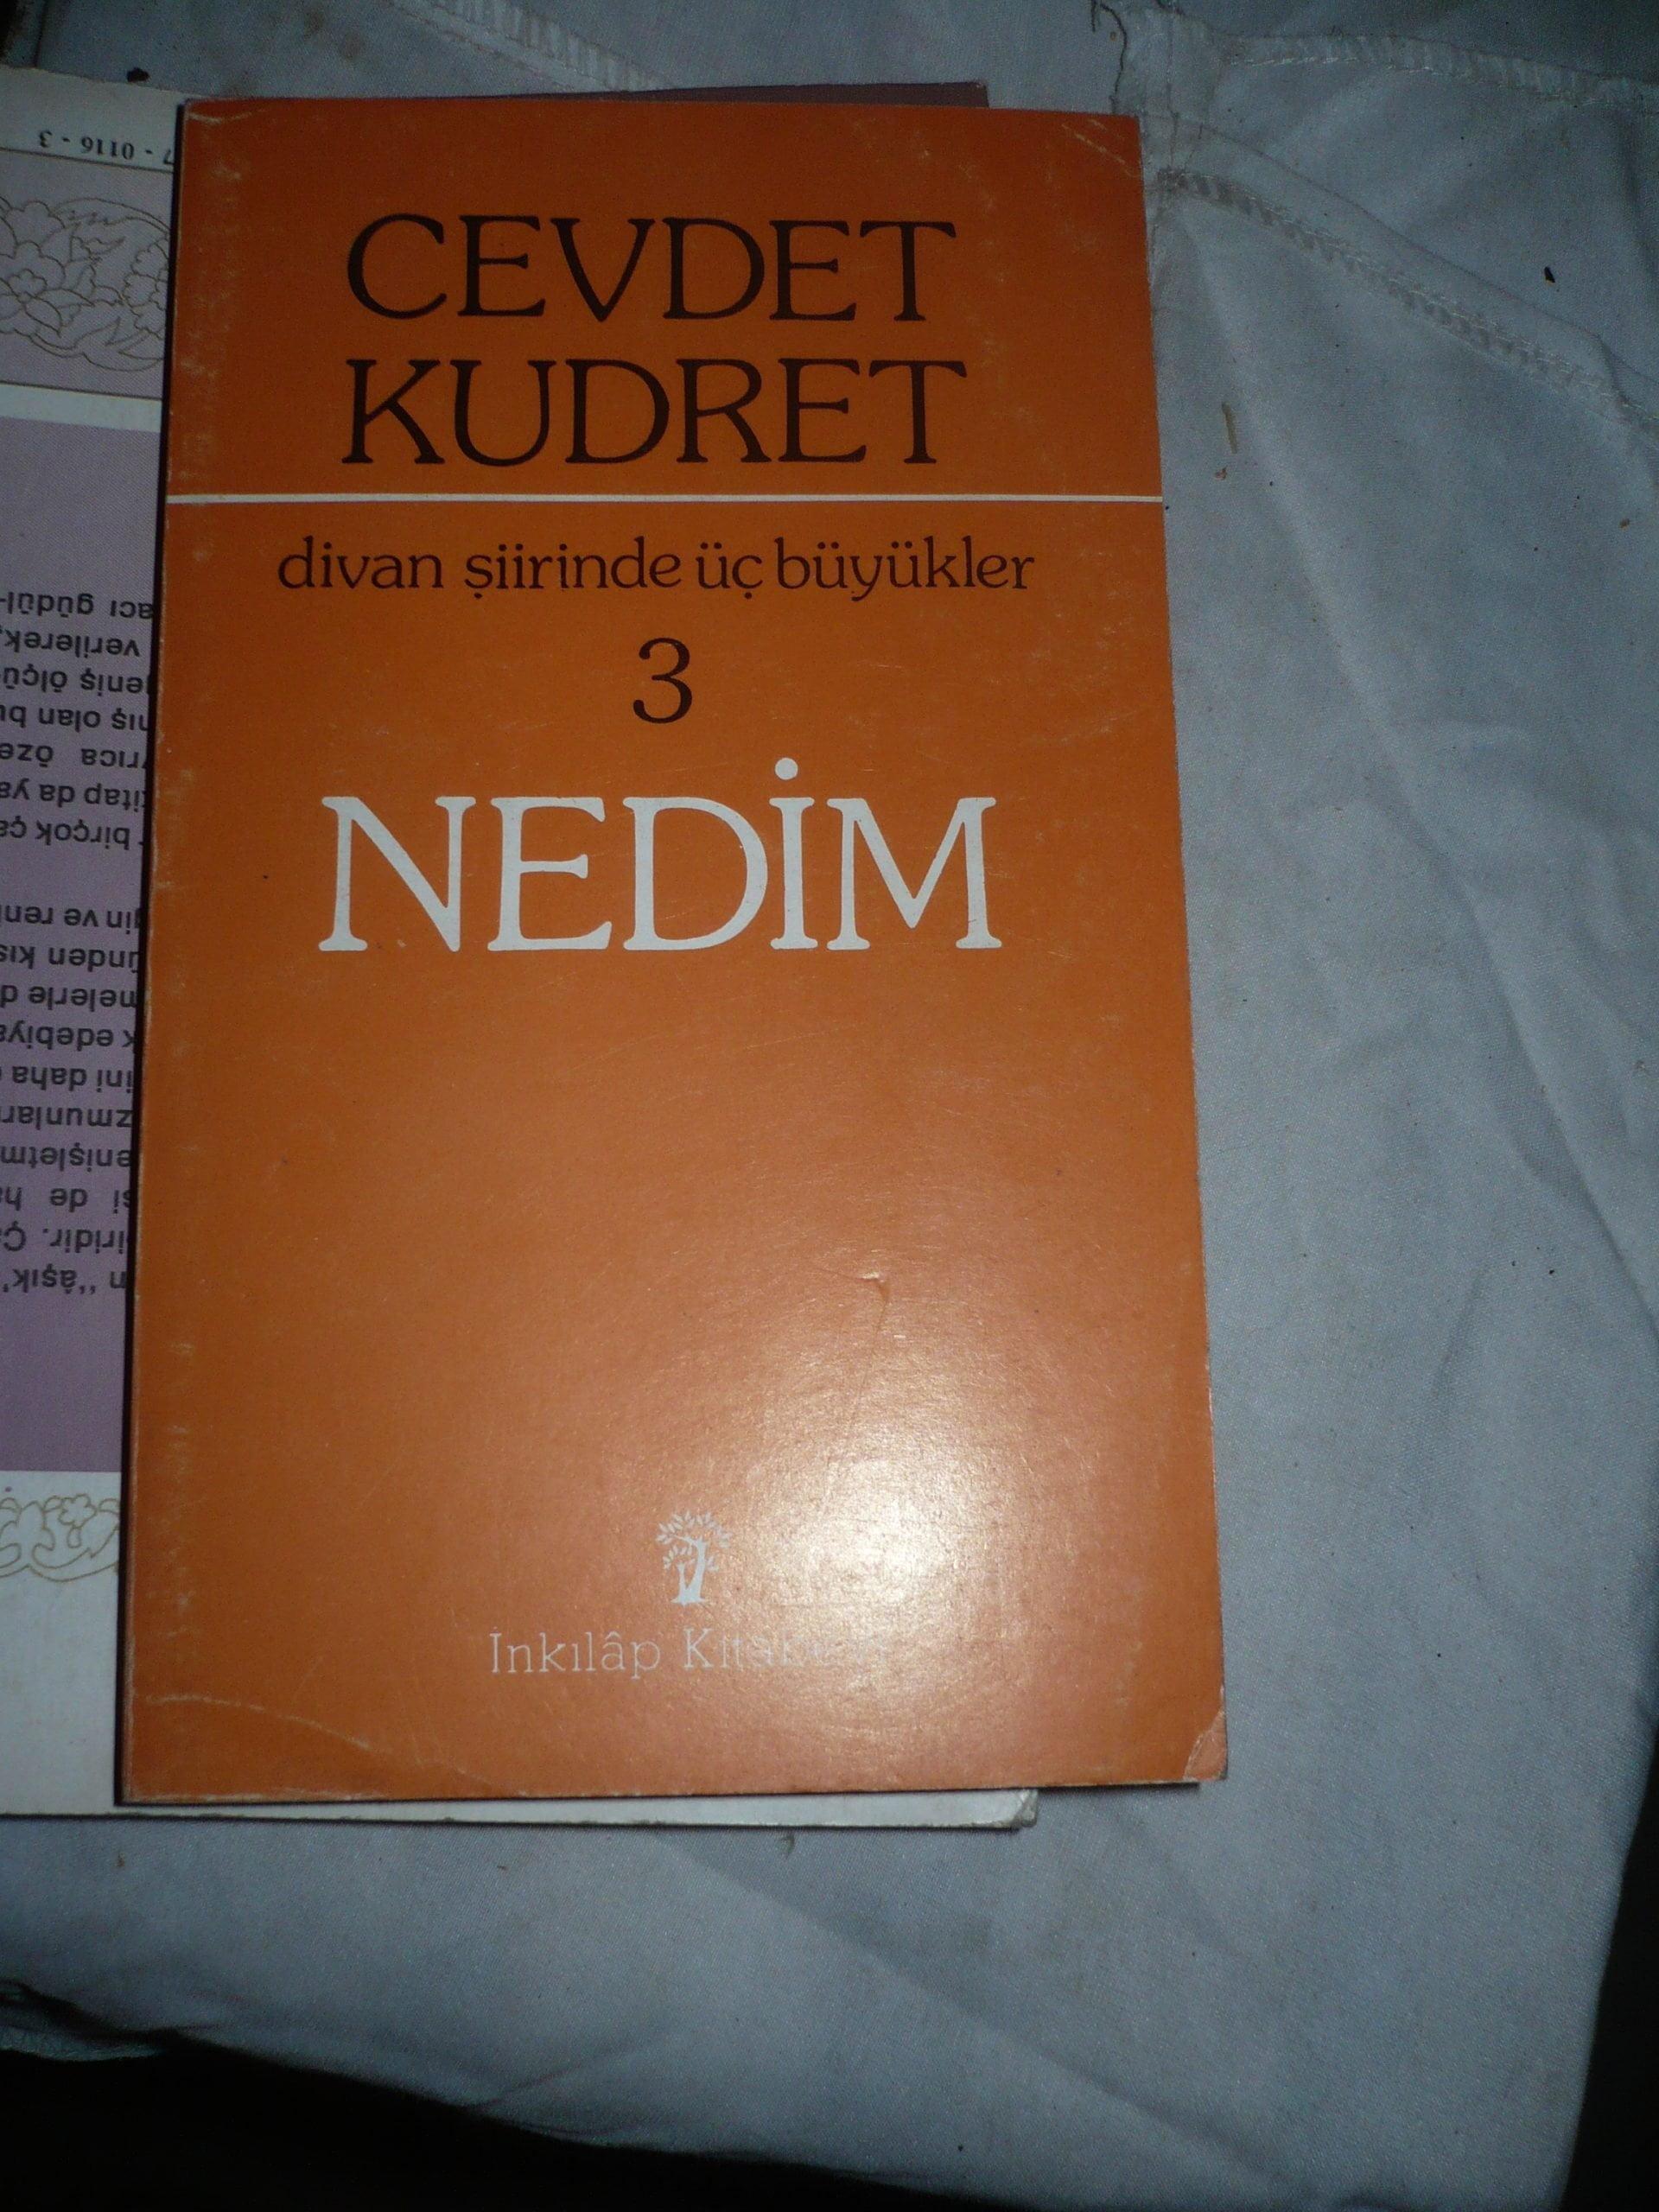 DİVAN ŞİİRİNDE ÜÇ BÜYÜKLER-3-NEDİM/Cevdet KUDRET/10 TL